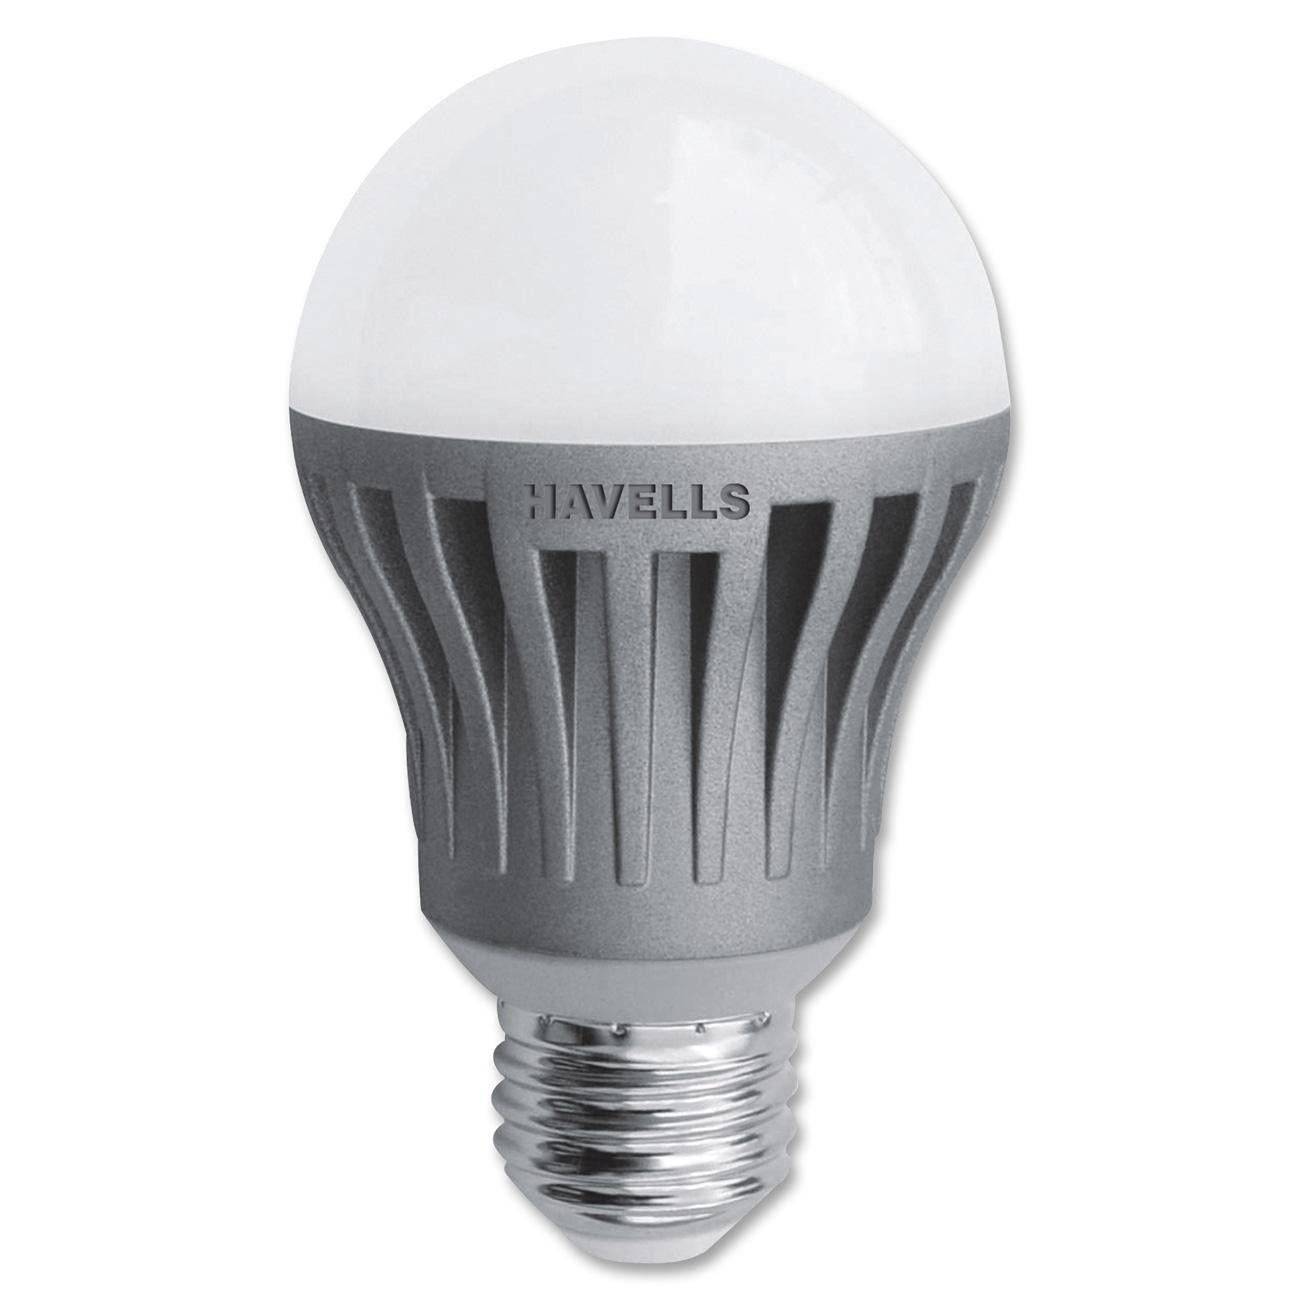 Havells 8w 3000k Led Bulb Led Bulb Bulb Light Bulbs